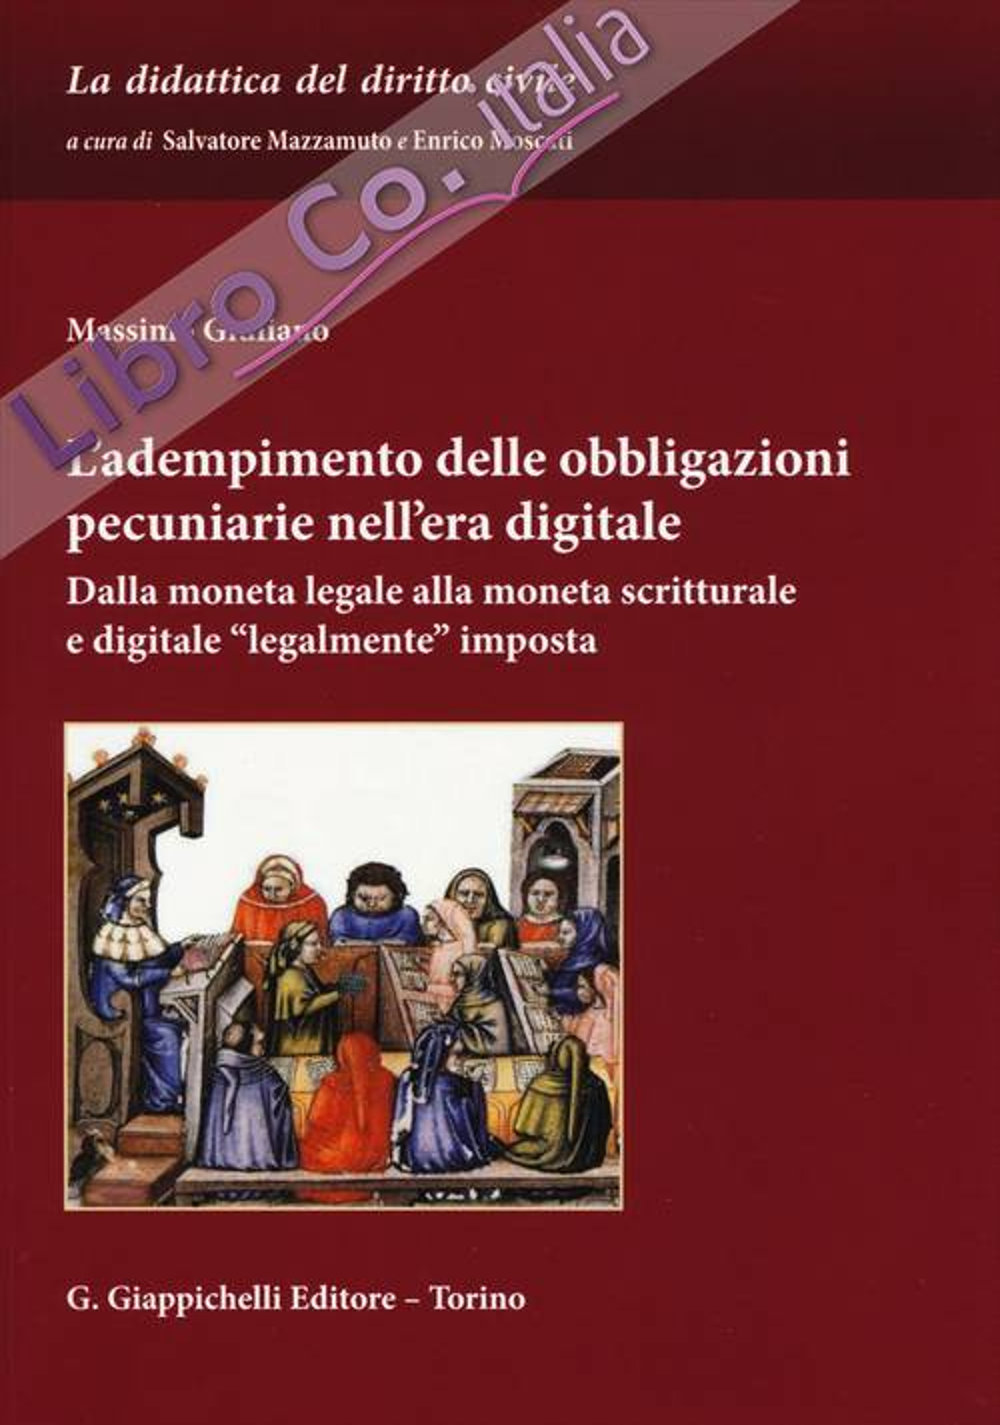 L'adempimento delle obbligazioni pecuniarie nell'era digitale. Dalla moneta legale alla moneta scritturale e digitale